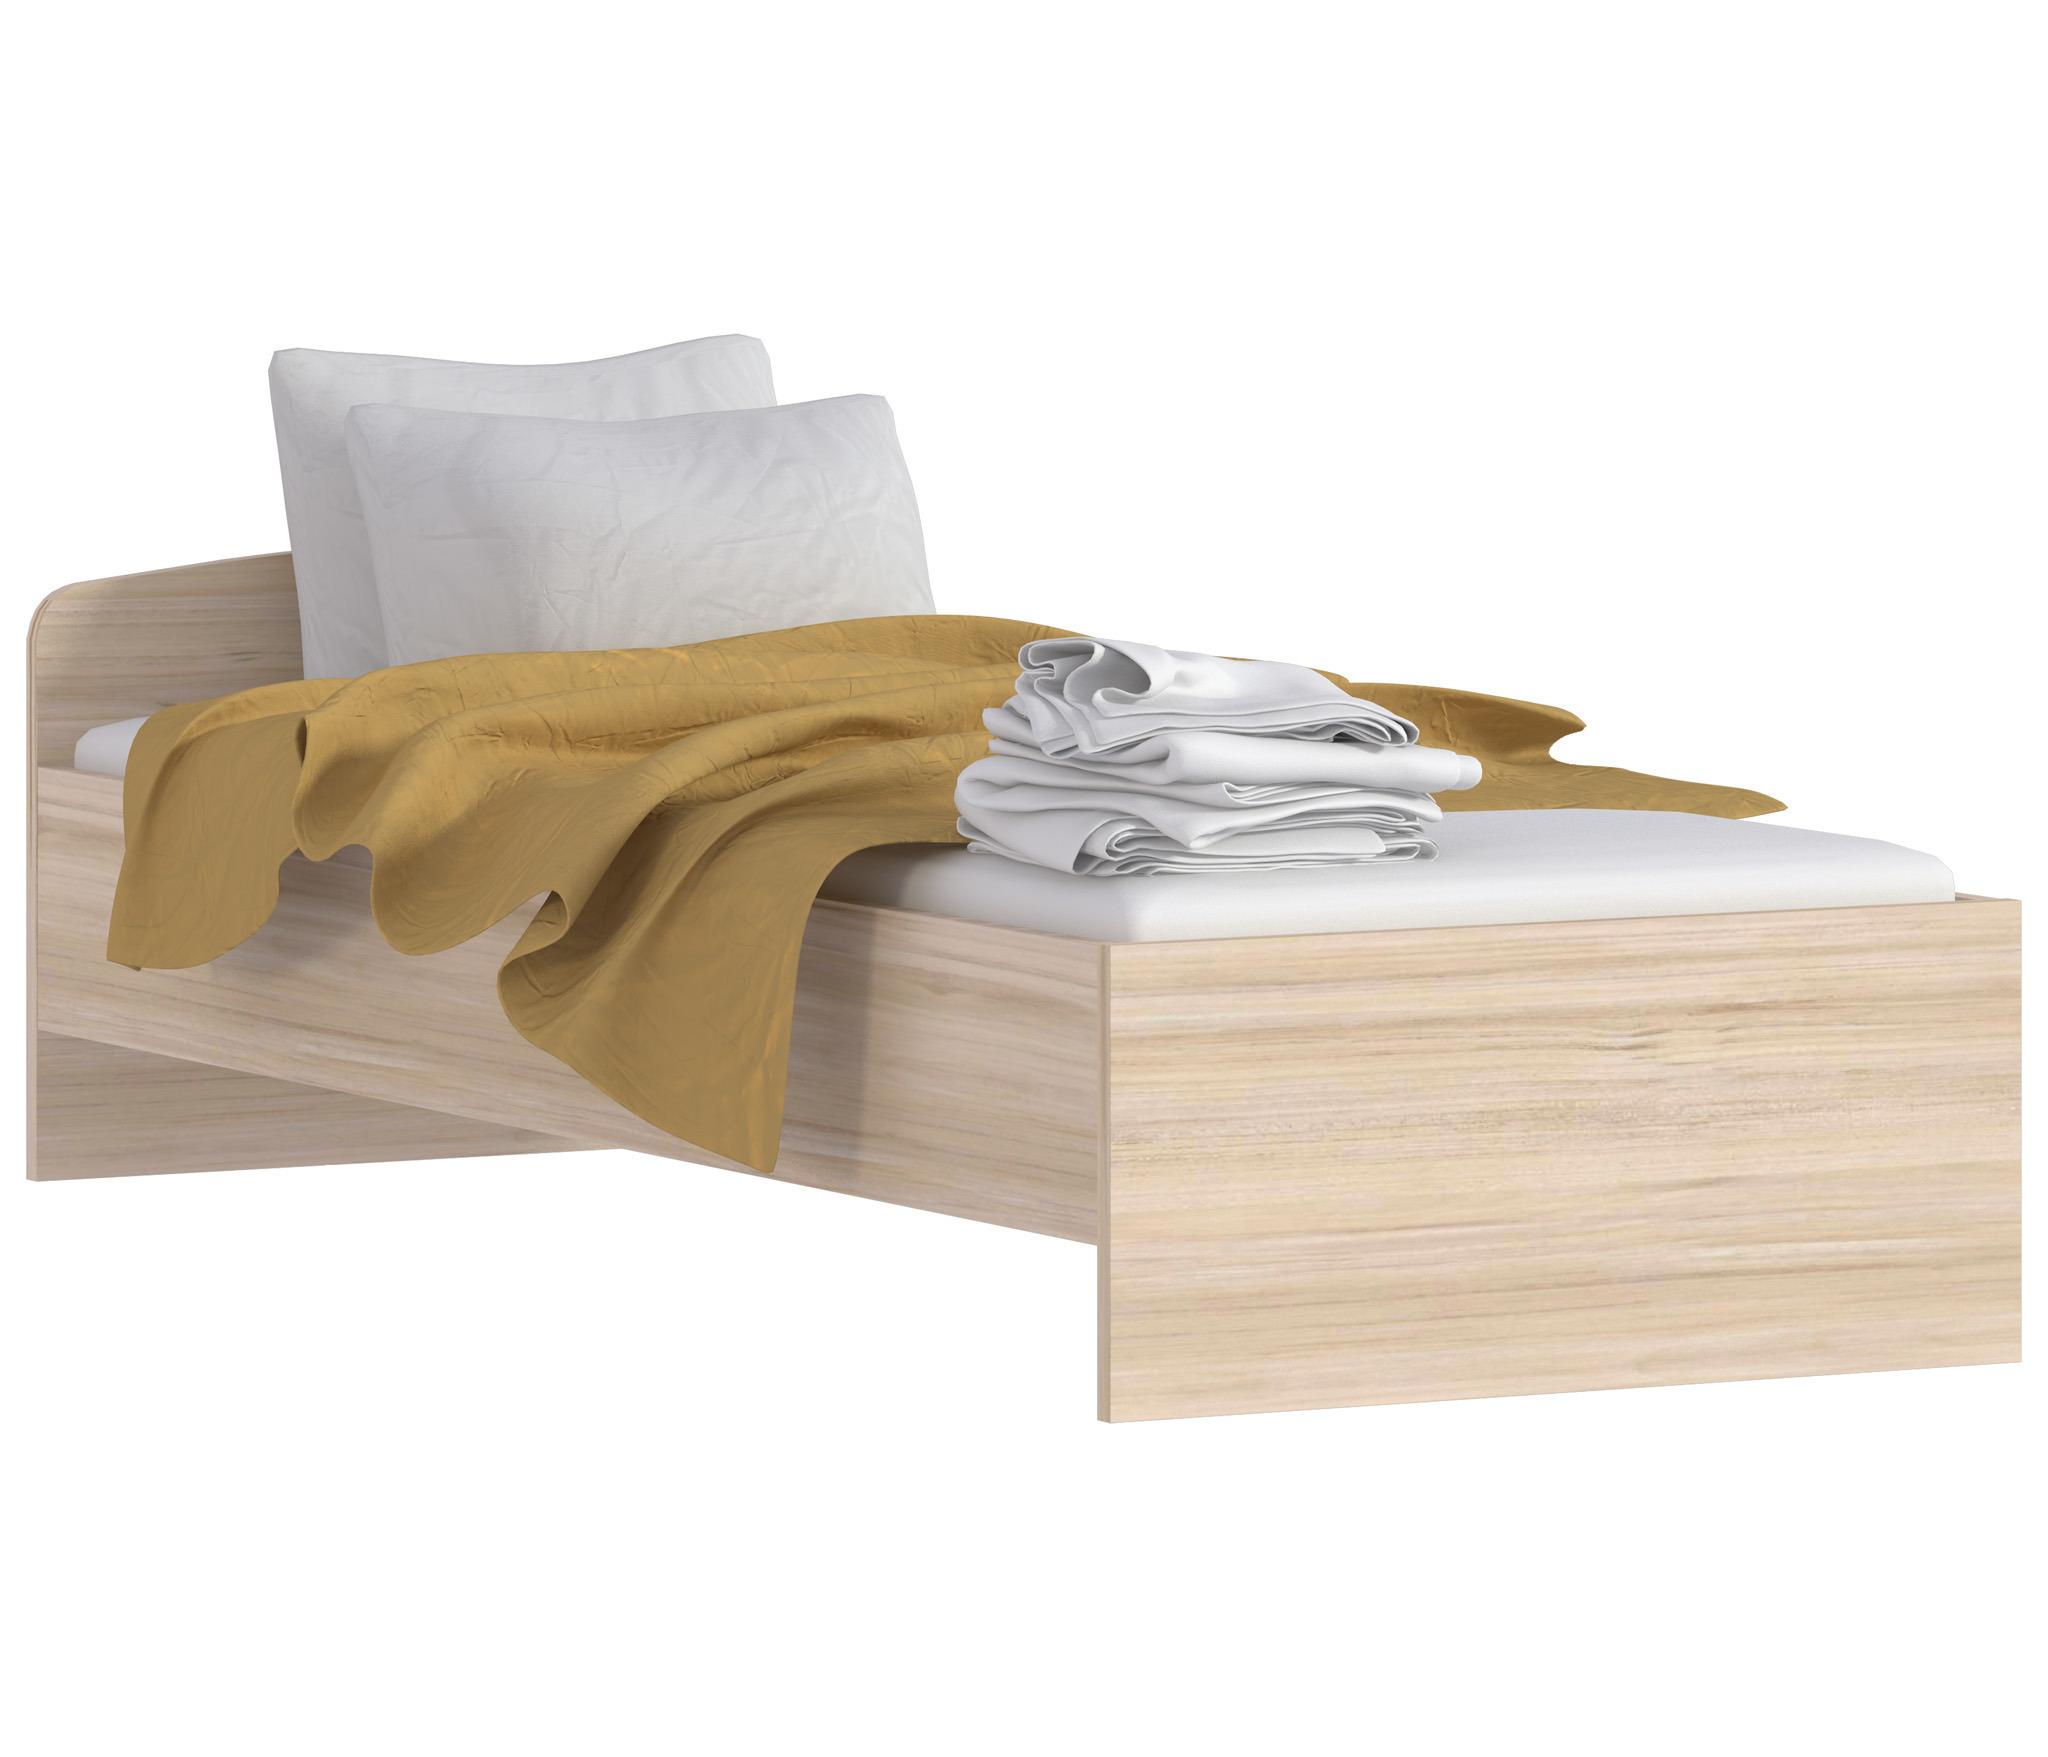 Персей СБ-1994 КроватьДетские кровати от 3-х лет<br>Персей СБ-1994 Кровать – отличный пример мебели для создания сдержанной подростковой комнаты. Четкие линии, лаконичный силуэт, изысканный древесный оттенок – все это превращает кровать в универсальный предмет мебели для любого интерьера. Прочность конструкции обеспечивается не только высоким качеством материалов, но также надежным основанием, которое добавляет дизайну пикантности. Лаконичная и простая по дизайну мебель позволяет легко апеллировать аксессуарами, текстилем и оставляет простор для творчества и воображения.  Дополнительно рекомендуем приобрети ортопедическое основание на ножках 800*2000 или массив СВ-800, а также ортопедический матрас для комфортного сна. С выбором правильных размеров вам помогут наши операторы.<br><br>Длина мм: 856<br>Высота мм: 650<br>Глубина мм: 2056<br>Материал: ДСП<br>Тип: Универсальные<br>Ширина спального места: 800<br>Длина спального места: 2000<br>Вид: Одноярусная